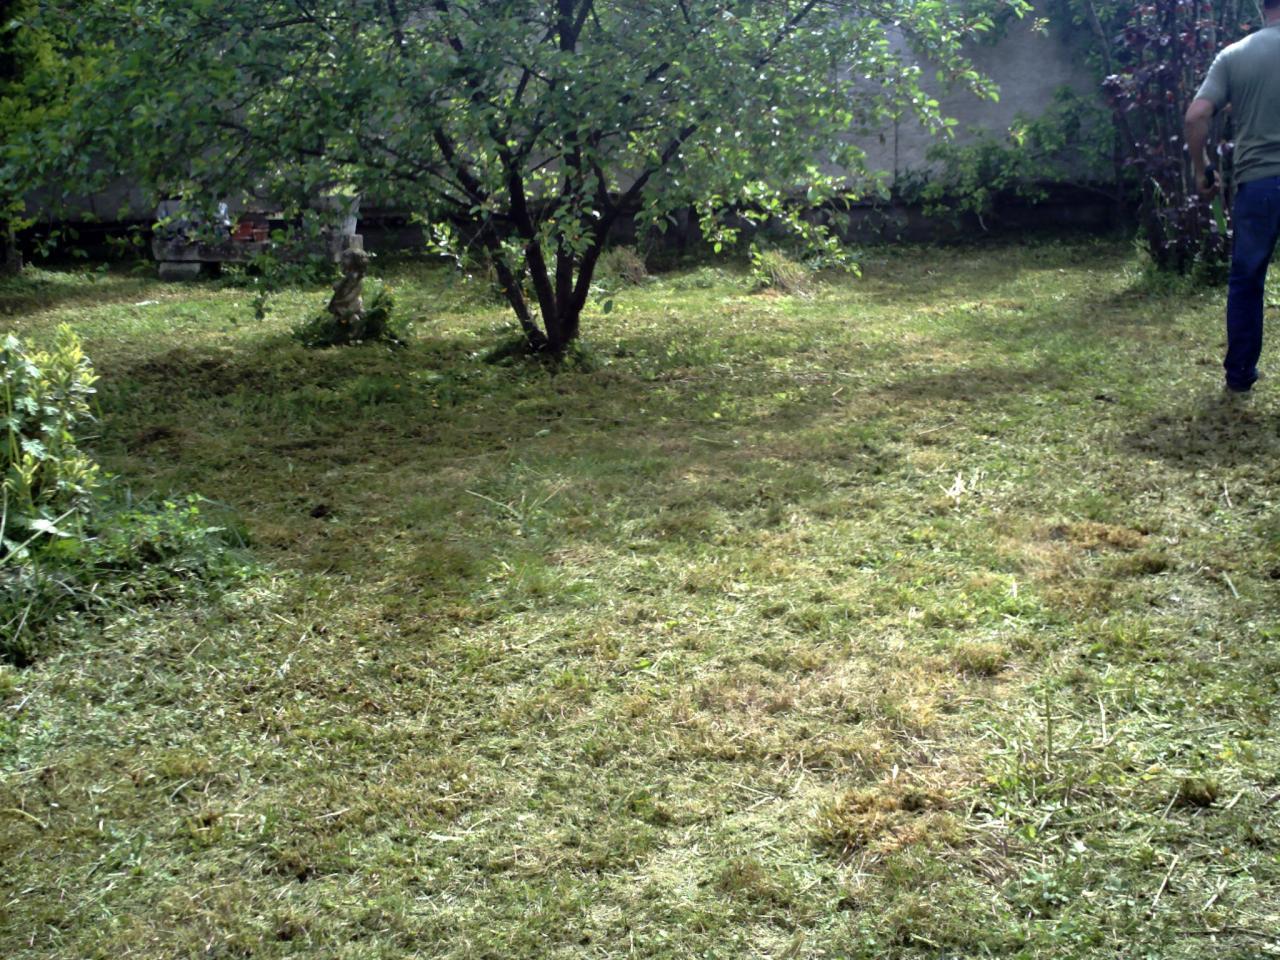 Jardin d broussaill avant cr ation de pelouse for Devis tonte pelouse